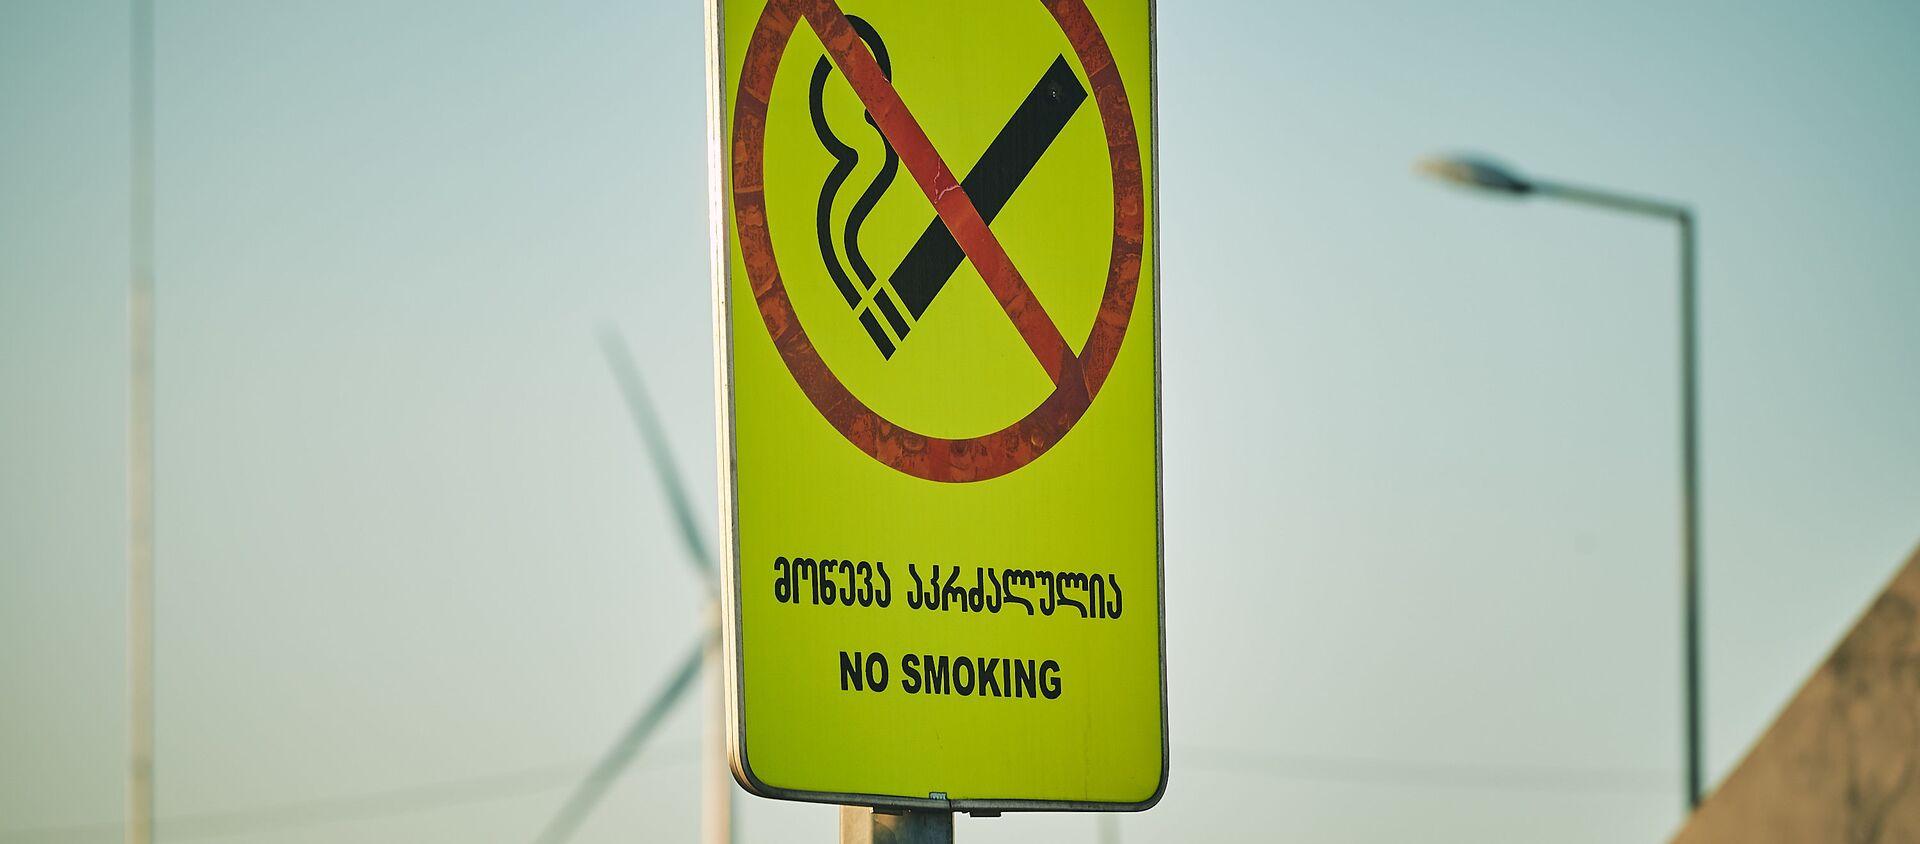 Табличка с надписью Не курить на бензоколонке - Sputnik Грузия, 1920, 09.07.2021